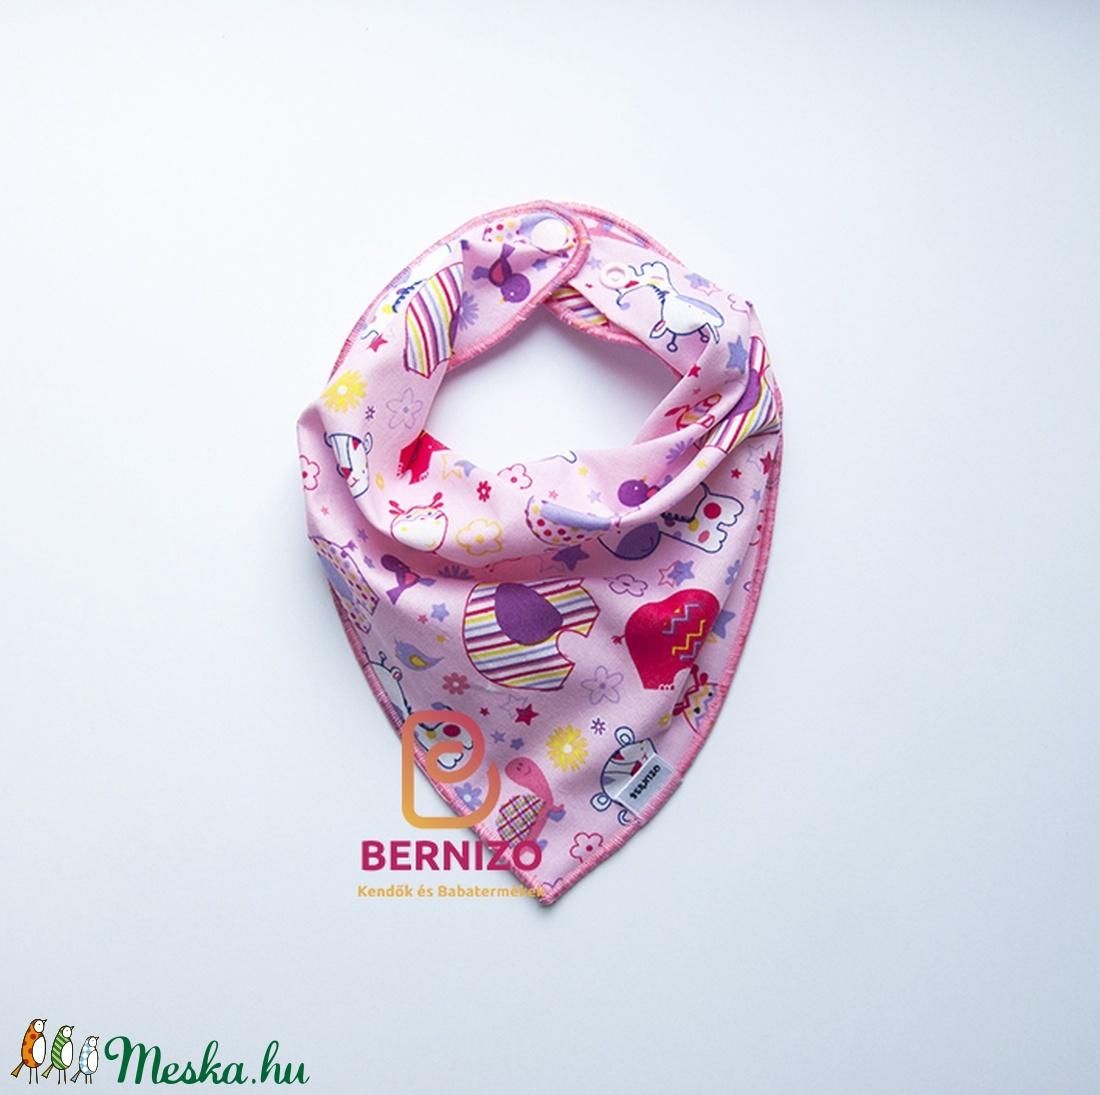 Rózsaszín állatkás nyálkendő/ babakendő (Bernizo) - Meska.hu